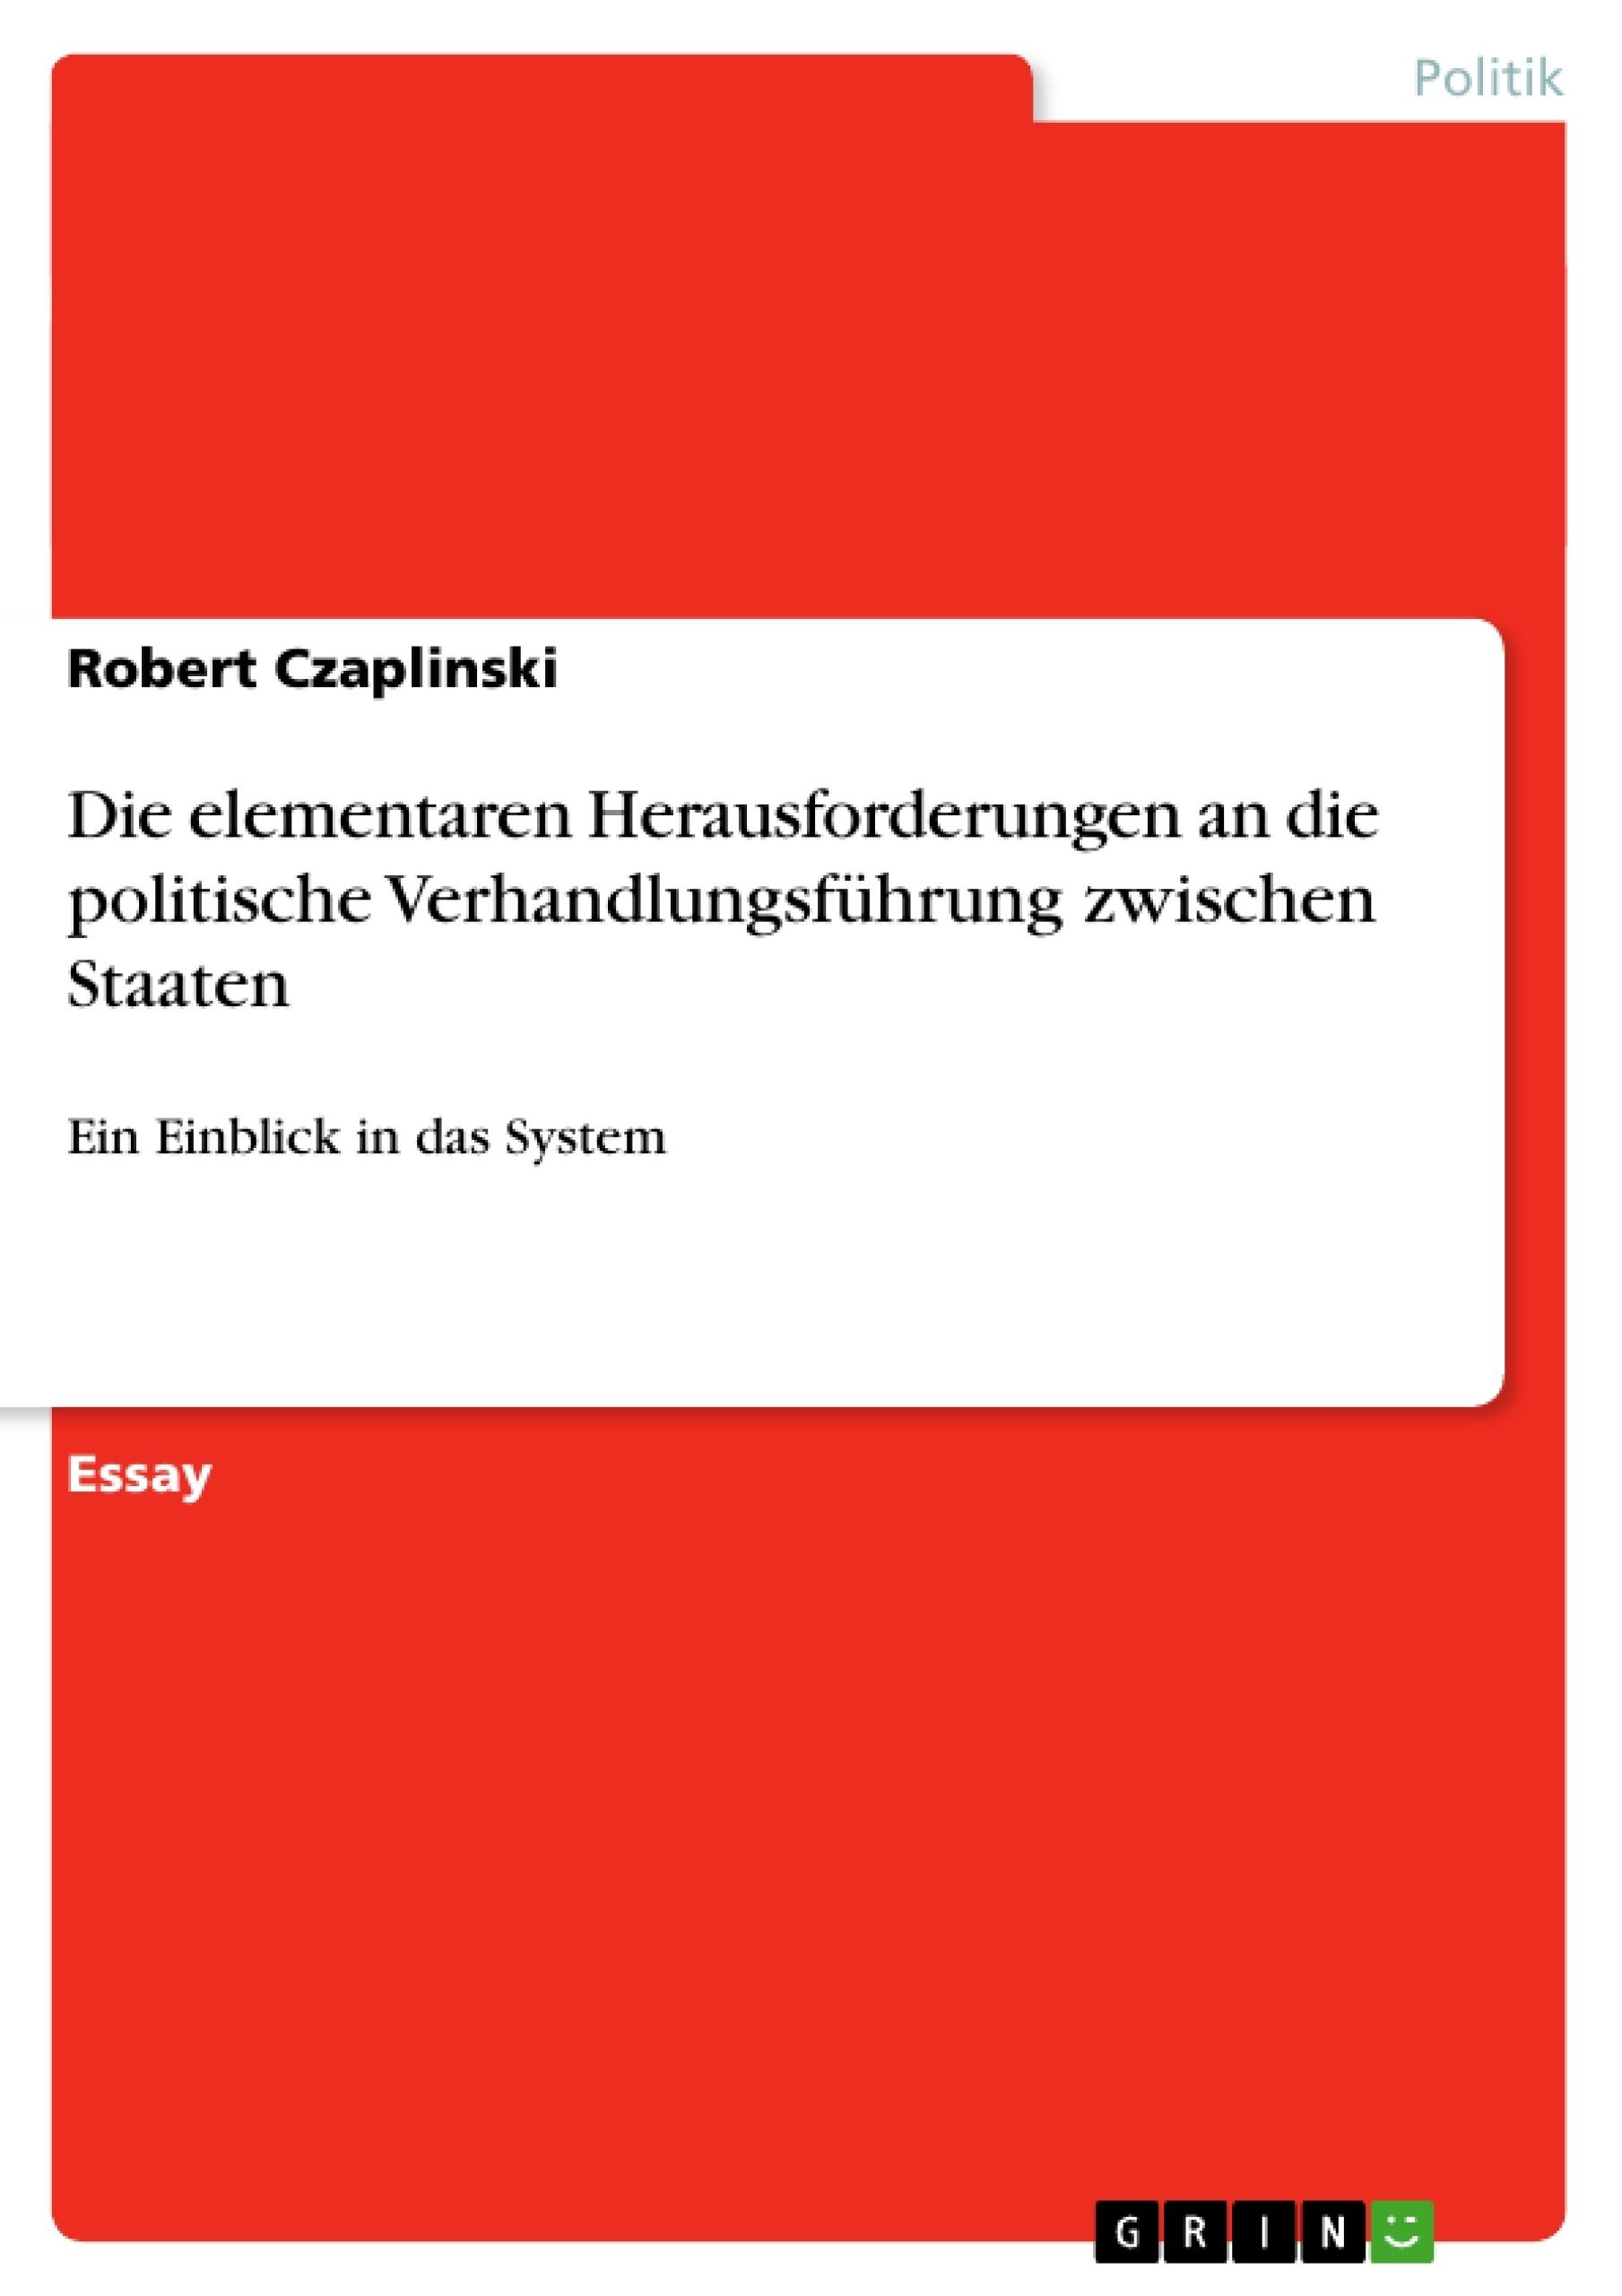 Titel: Die elementaren Herausforderungen an die politische Verhandlungsführung zwischen Staaten